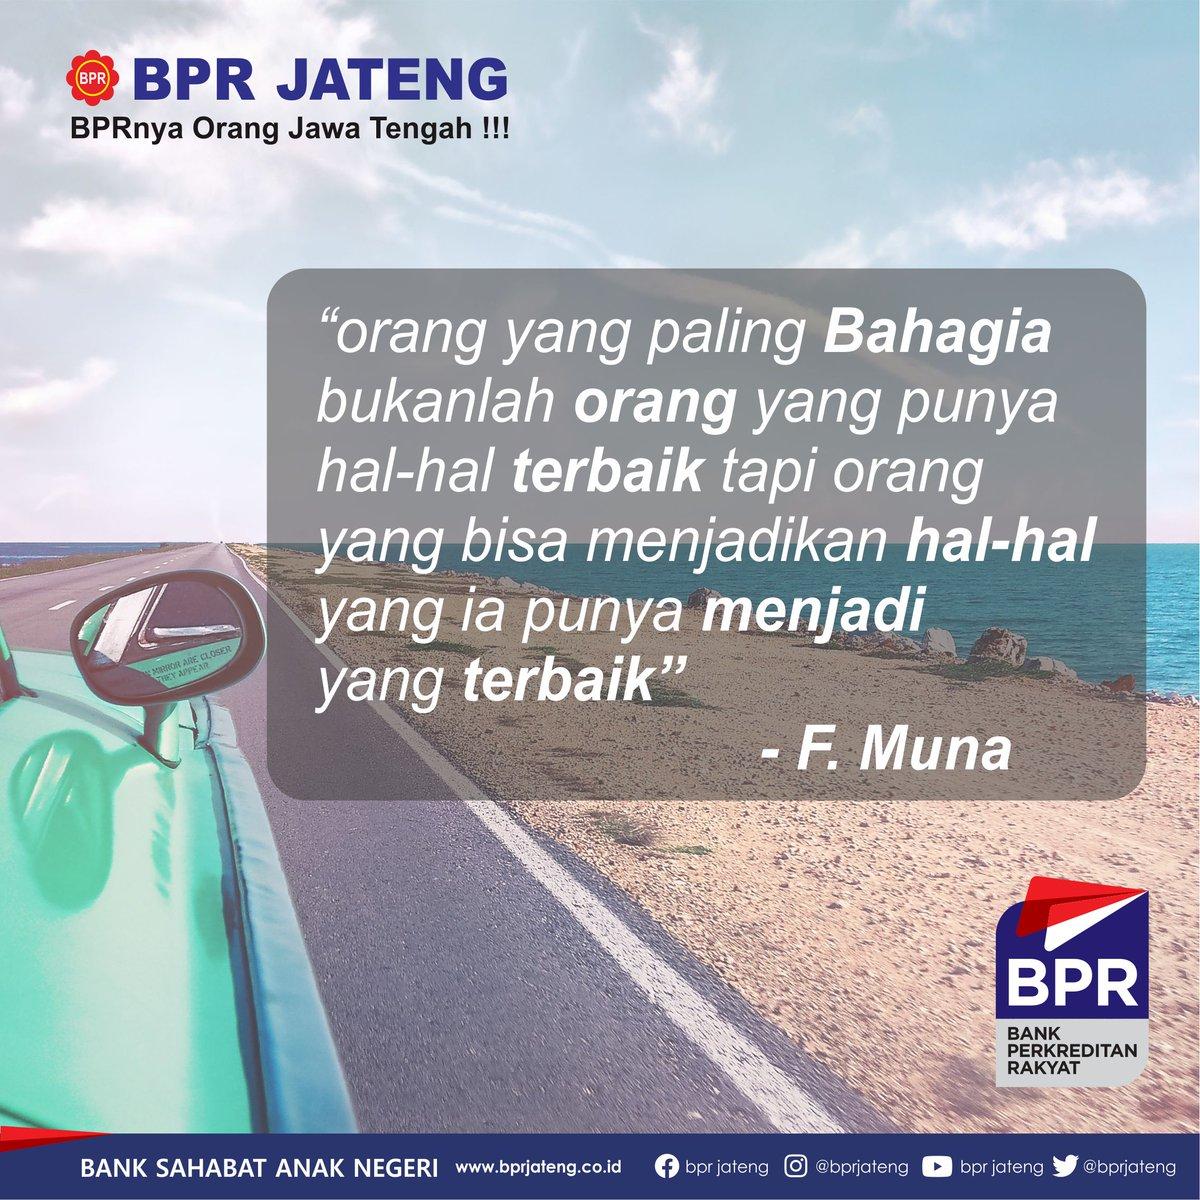 Jangan lupa bahagia... > > >  #motivasi #Quote #bprjateng #semarang #Hitssemarang #lokersmg #lokersemarang #Indonesia #KreditCepat #kreditmudah #Kreditmurah #Semangat #Kerjakeras #masadepan #finance #jatenggayeng #jateng #jawatengah #bank #bpr #bankperkreditanrakyat #jawapic.twitter.com/Mhp8LqRMHb